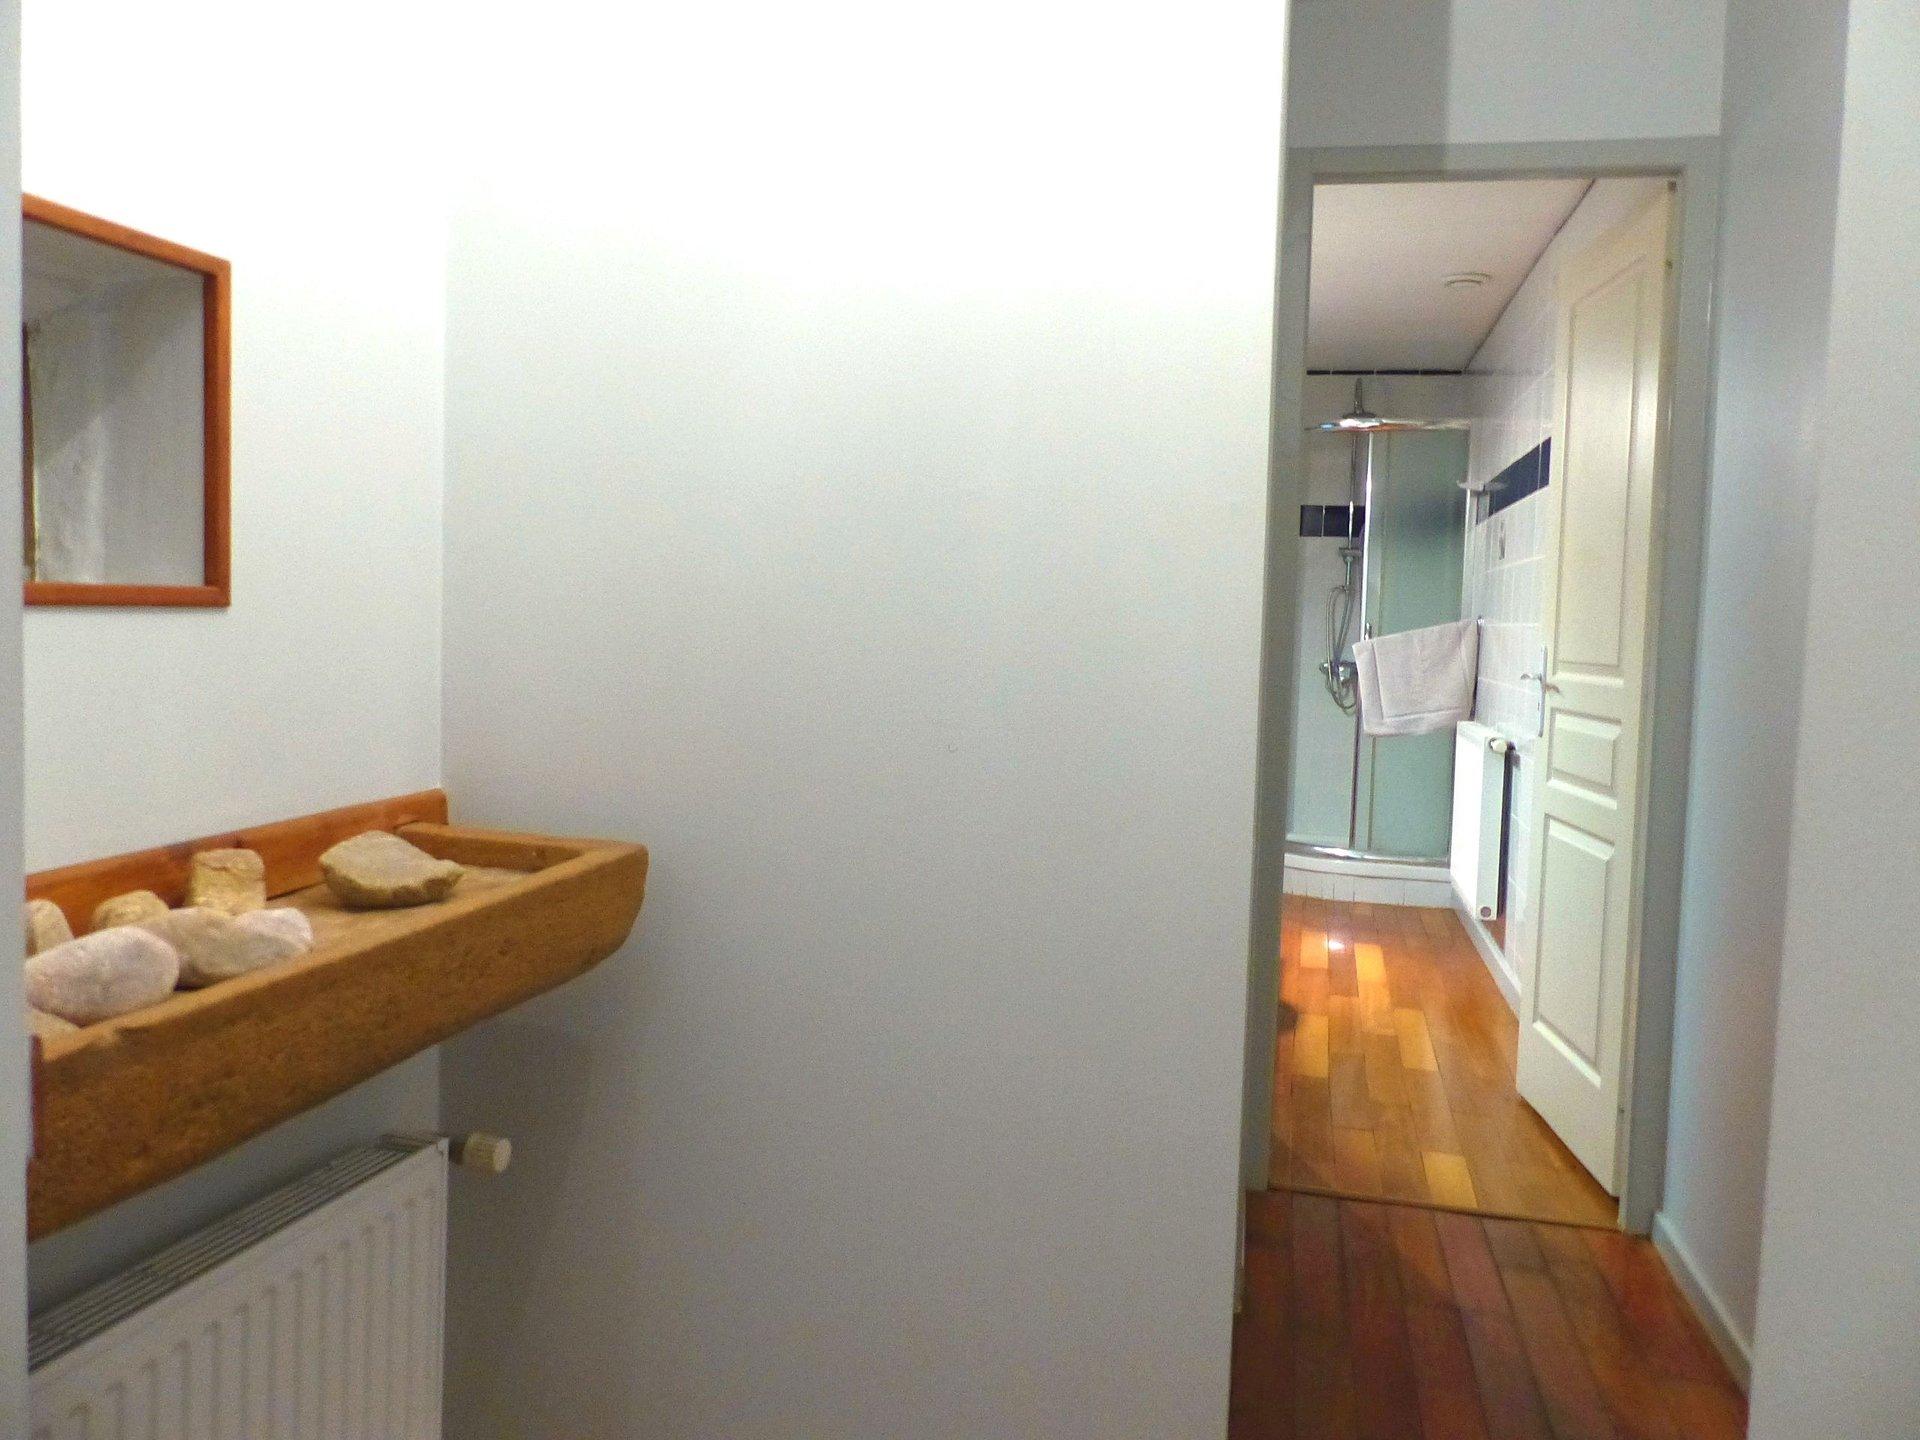 Mâcon, à deux pas des commerces et commodités, dans une petite copropriété en pierre, découvrez ce bel appartement rénové d'une surface de 79 m² avec une grande cave voûtée. Il dispose d'une vaste pièce de vie avec cuisine équipée, d'un grand dégagement avec placards, d'une chambre donnant sur cour, d'un bureau, d'une salle d'eau et d'un toilette séparé. Beaucoup de charme pour cet appartement soigneusement entretenu et en très bon état. Pas de travaux à prévoir. Bien soumis au régime de la copropriété ( 7 lots - charges : 83 euros/mois). Honoraires à la charge du vendeur.